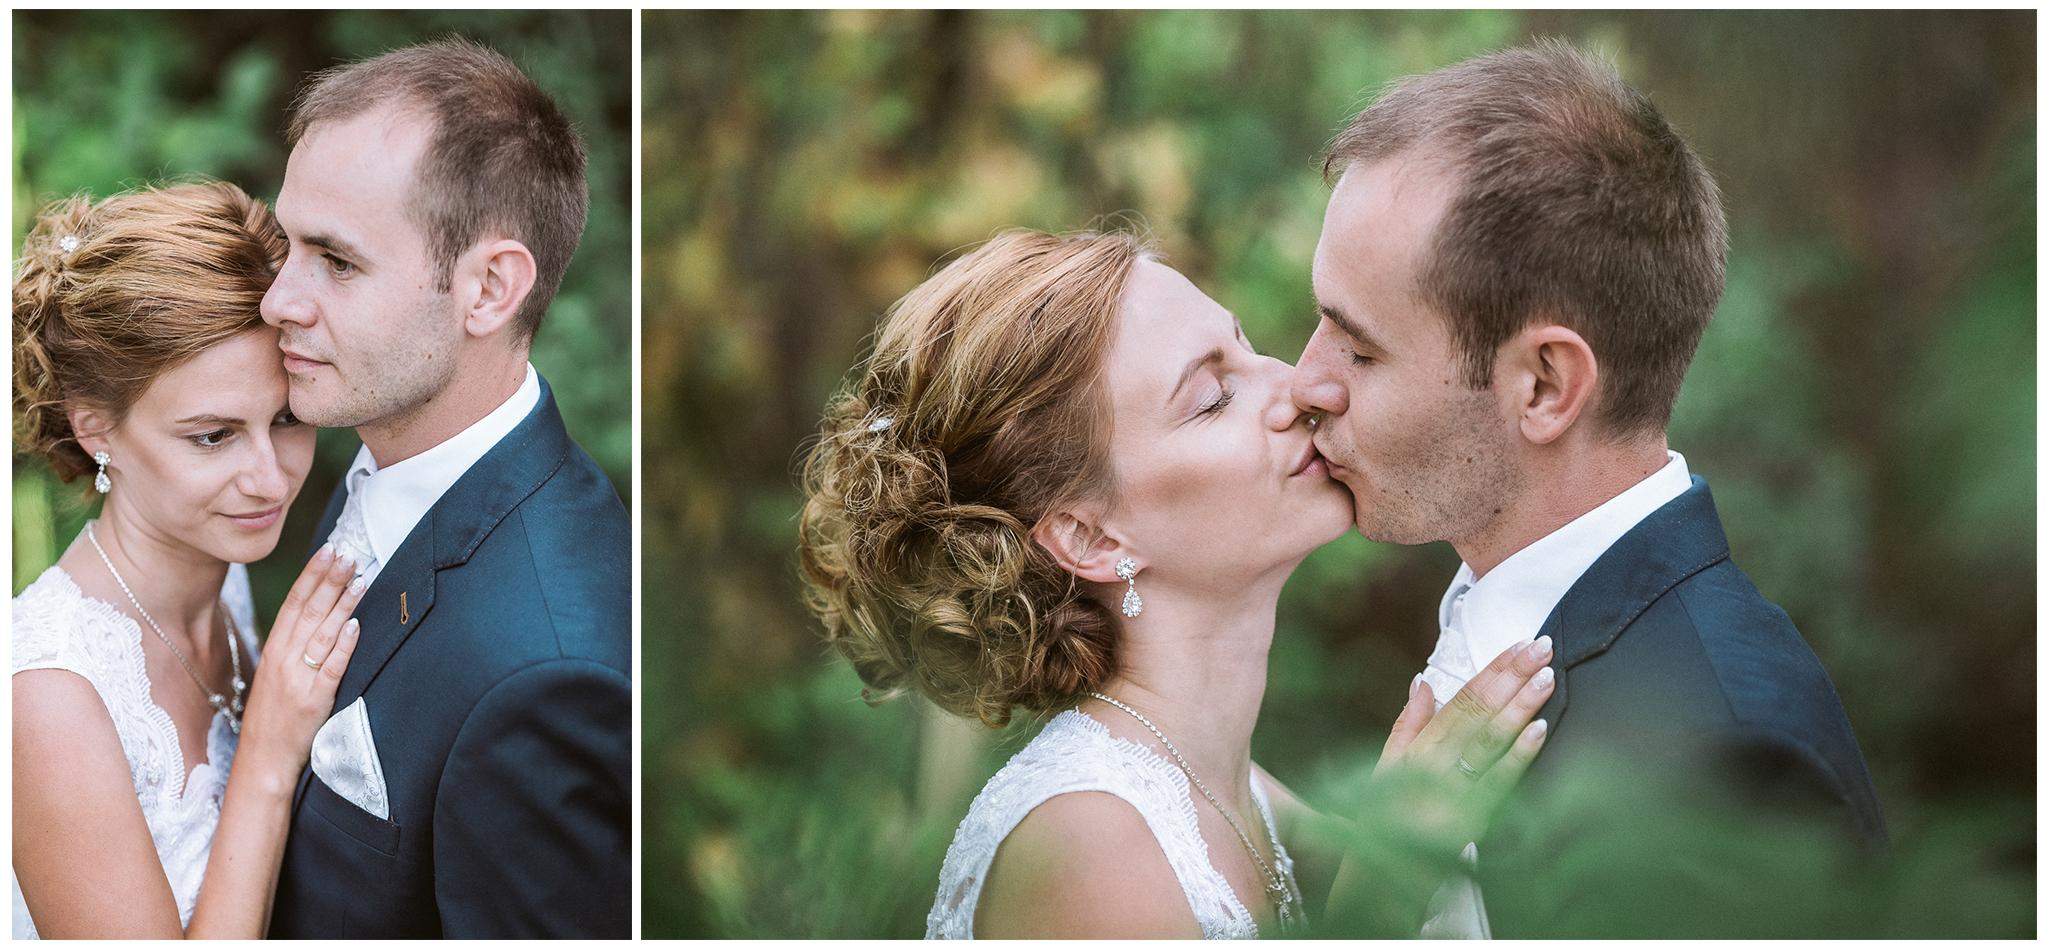 FylepPhoto, esküvőfotós, esküvői fotós Körmend, Szombathely, esküvőfotózás, magyarország, vas megye, prémium, jegyesfotózás, Fülöp Péter, körmend, kreatív, fotográfus_07.jpg